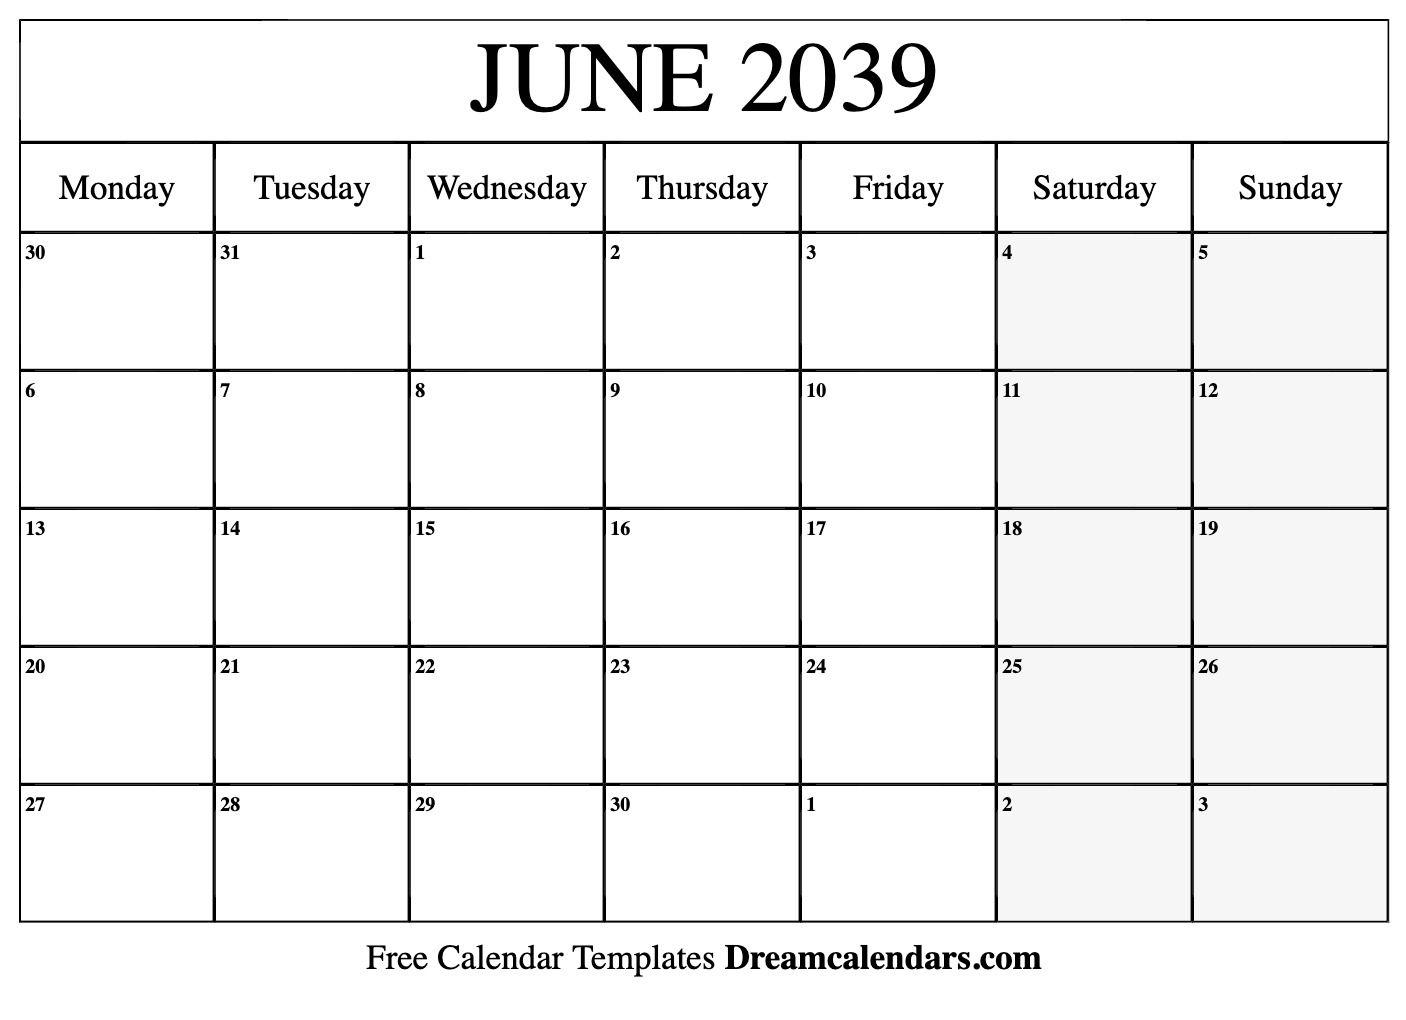 Printable June 2039 Calendar